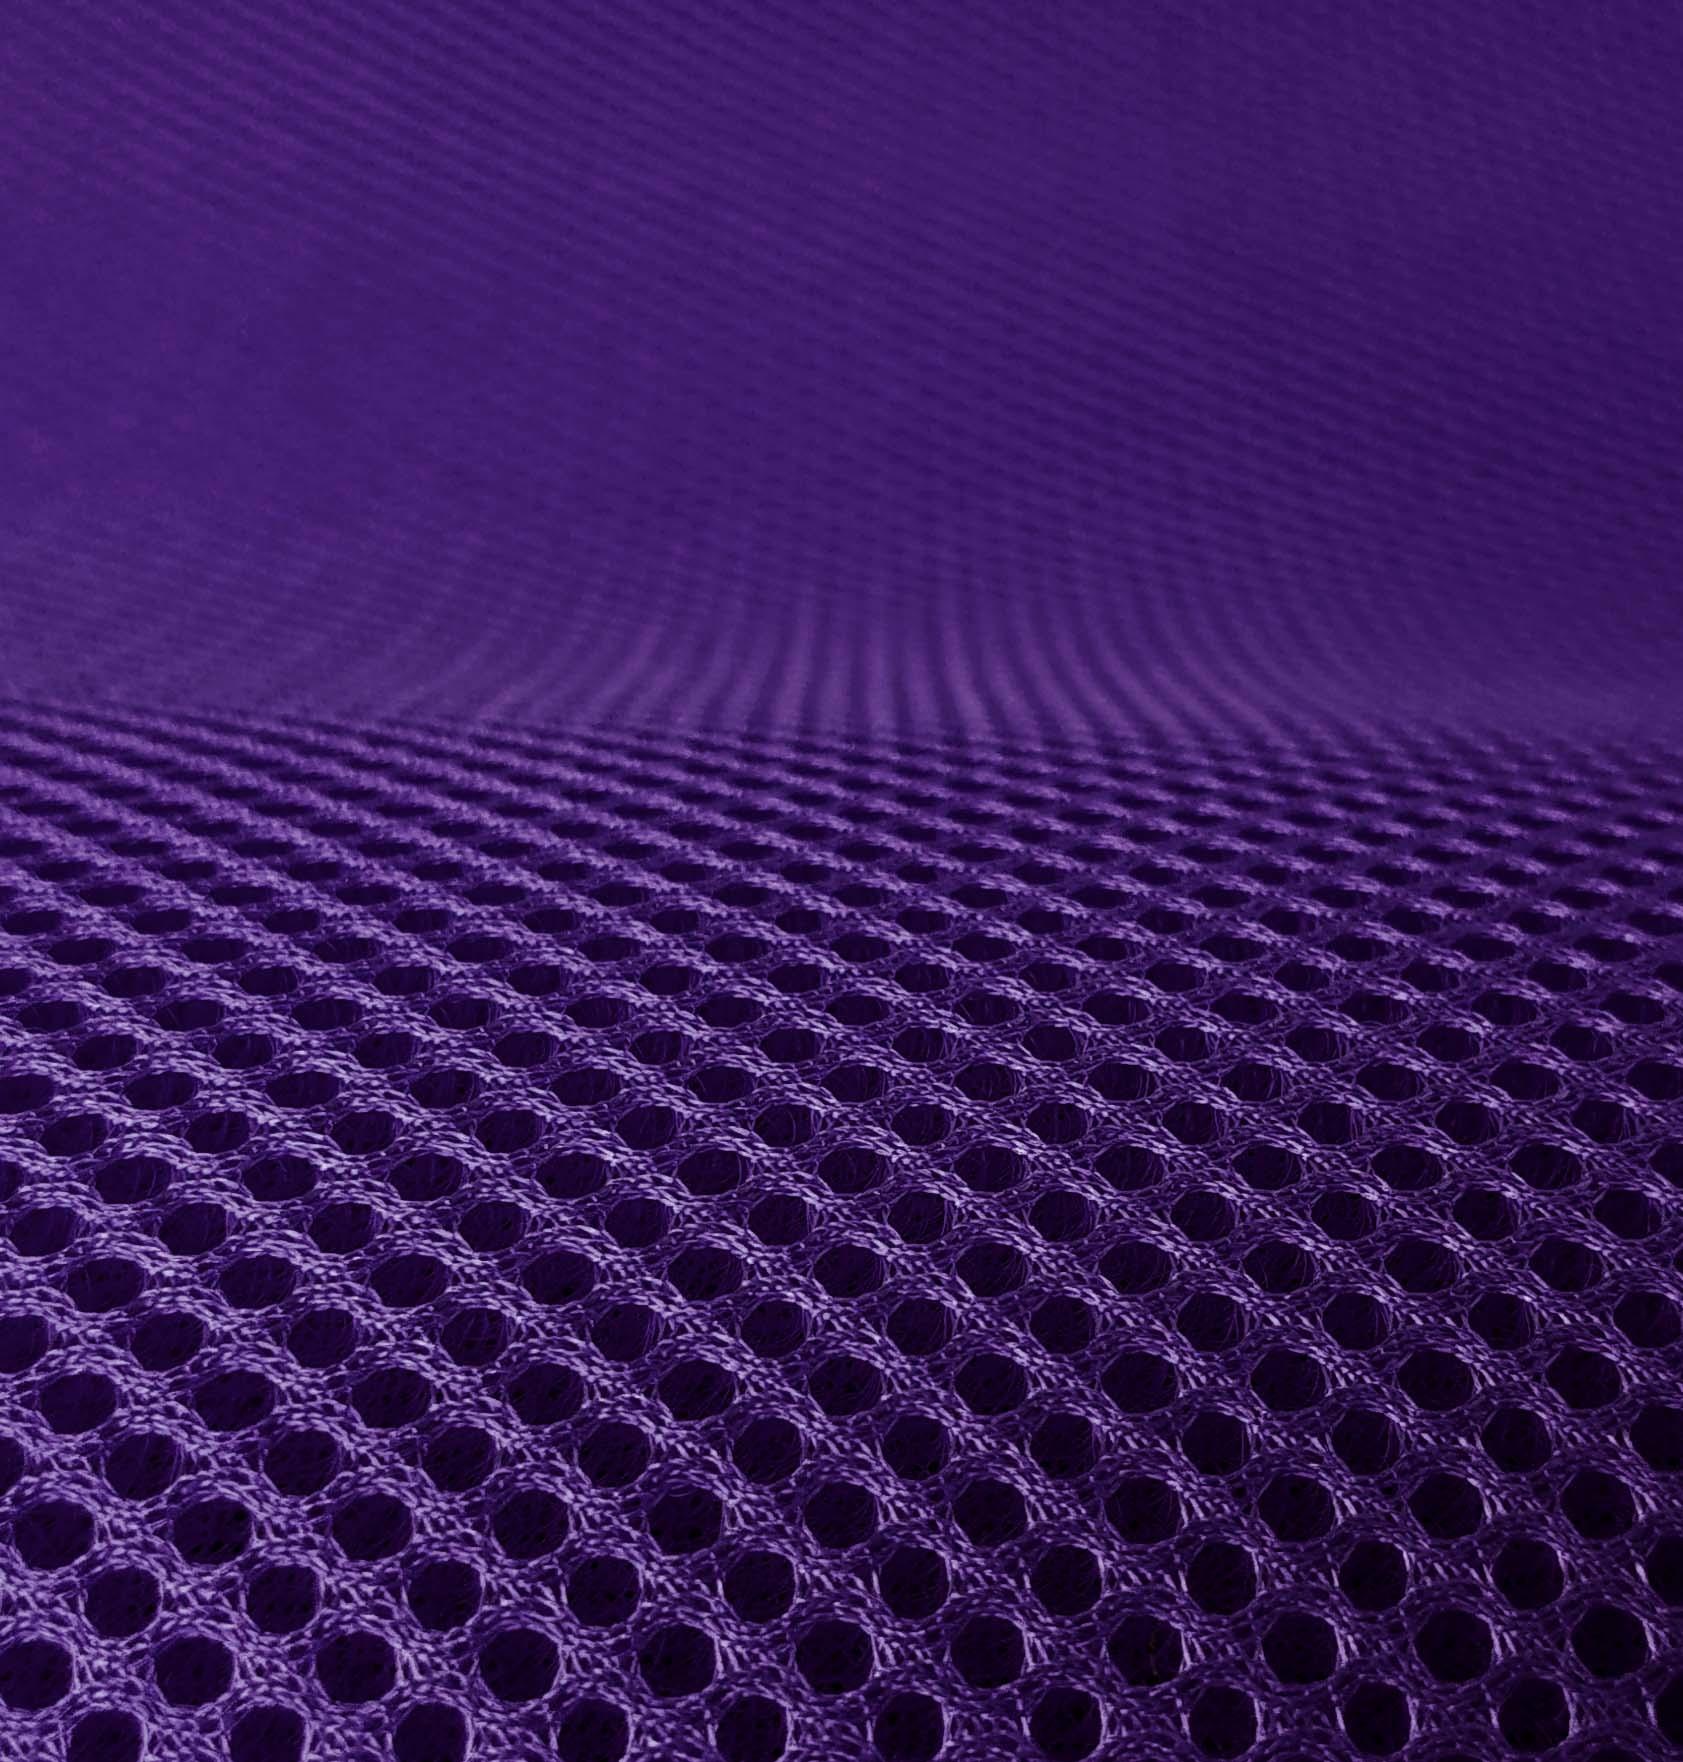 3D Airmesh Purple Violet 4mm / 1,00m length x 1,60m width